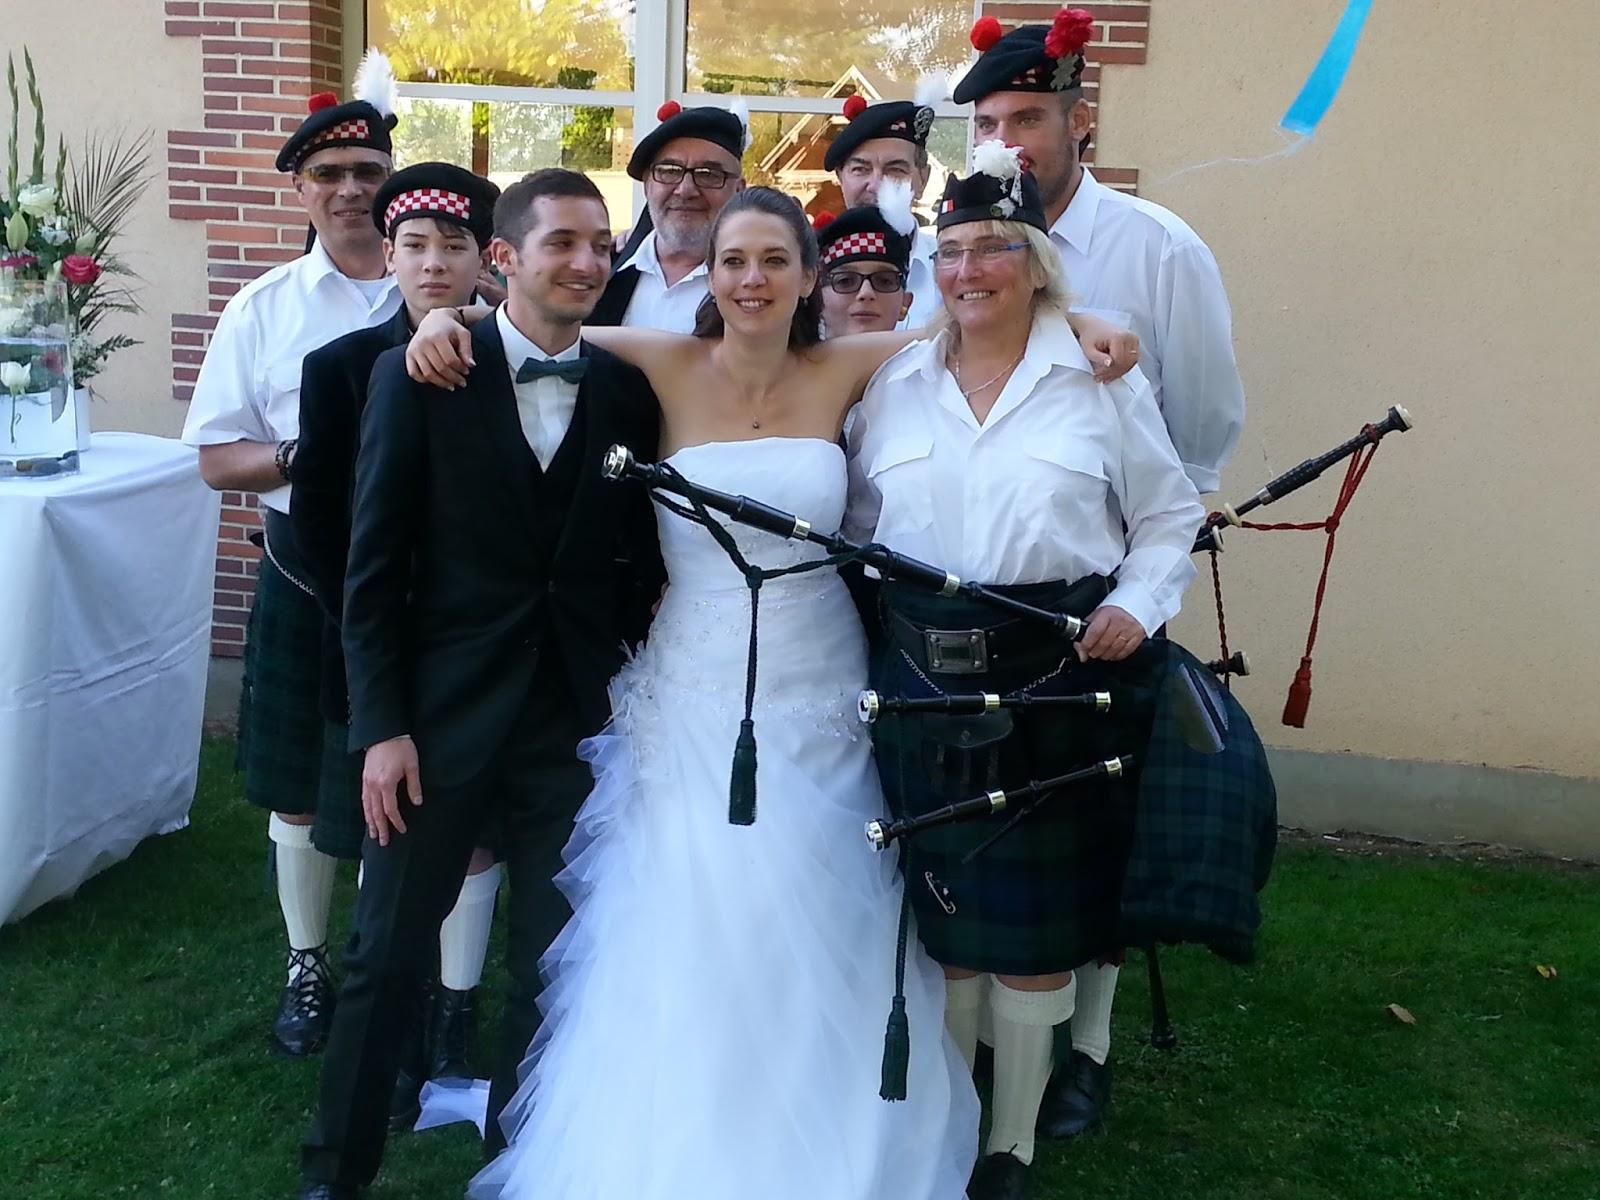 cornemuse pour celebrer votre mariage nhesitez pas a nous contacter au 0612666172 ou rendez vous au chateau daramont a verberie le mardi a partir - Chateau D Aramont Verberie Mariage